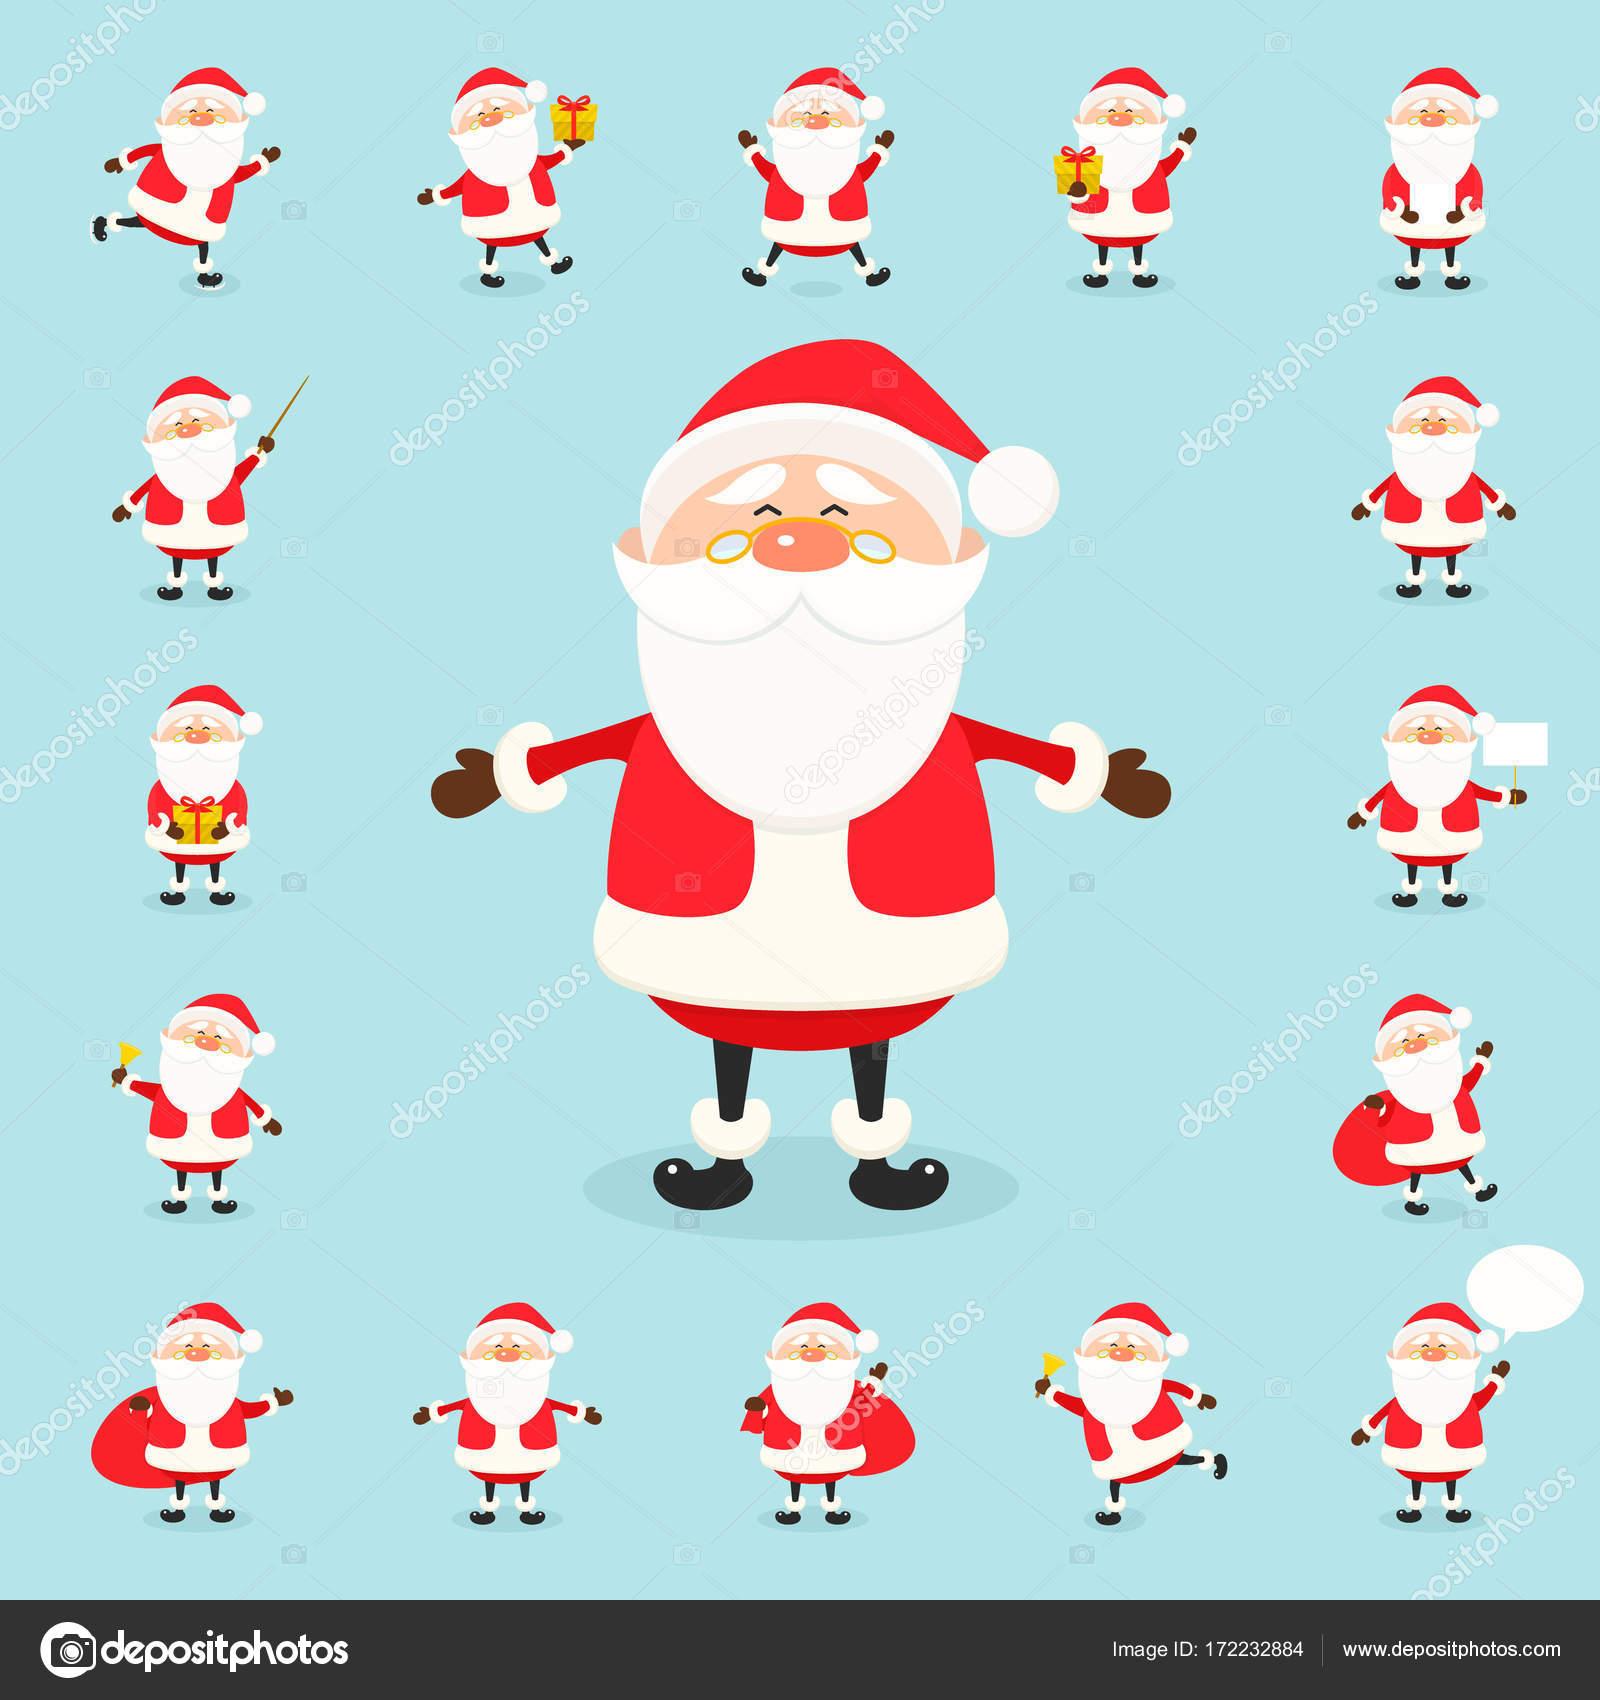 Niedliche Vektor Weihnachtsmann Symbolsatz im flachen Stil ...